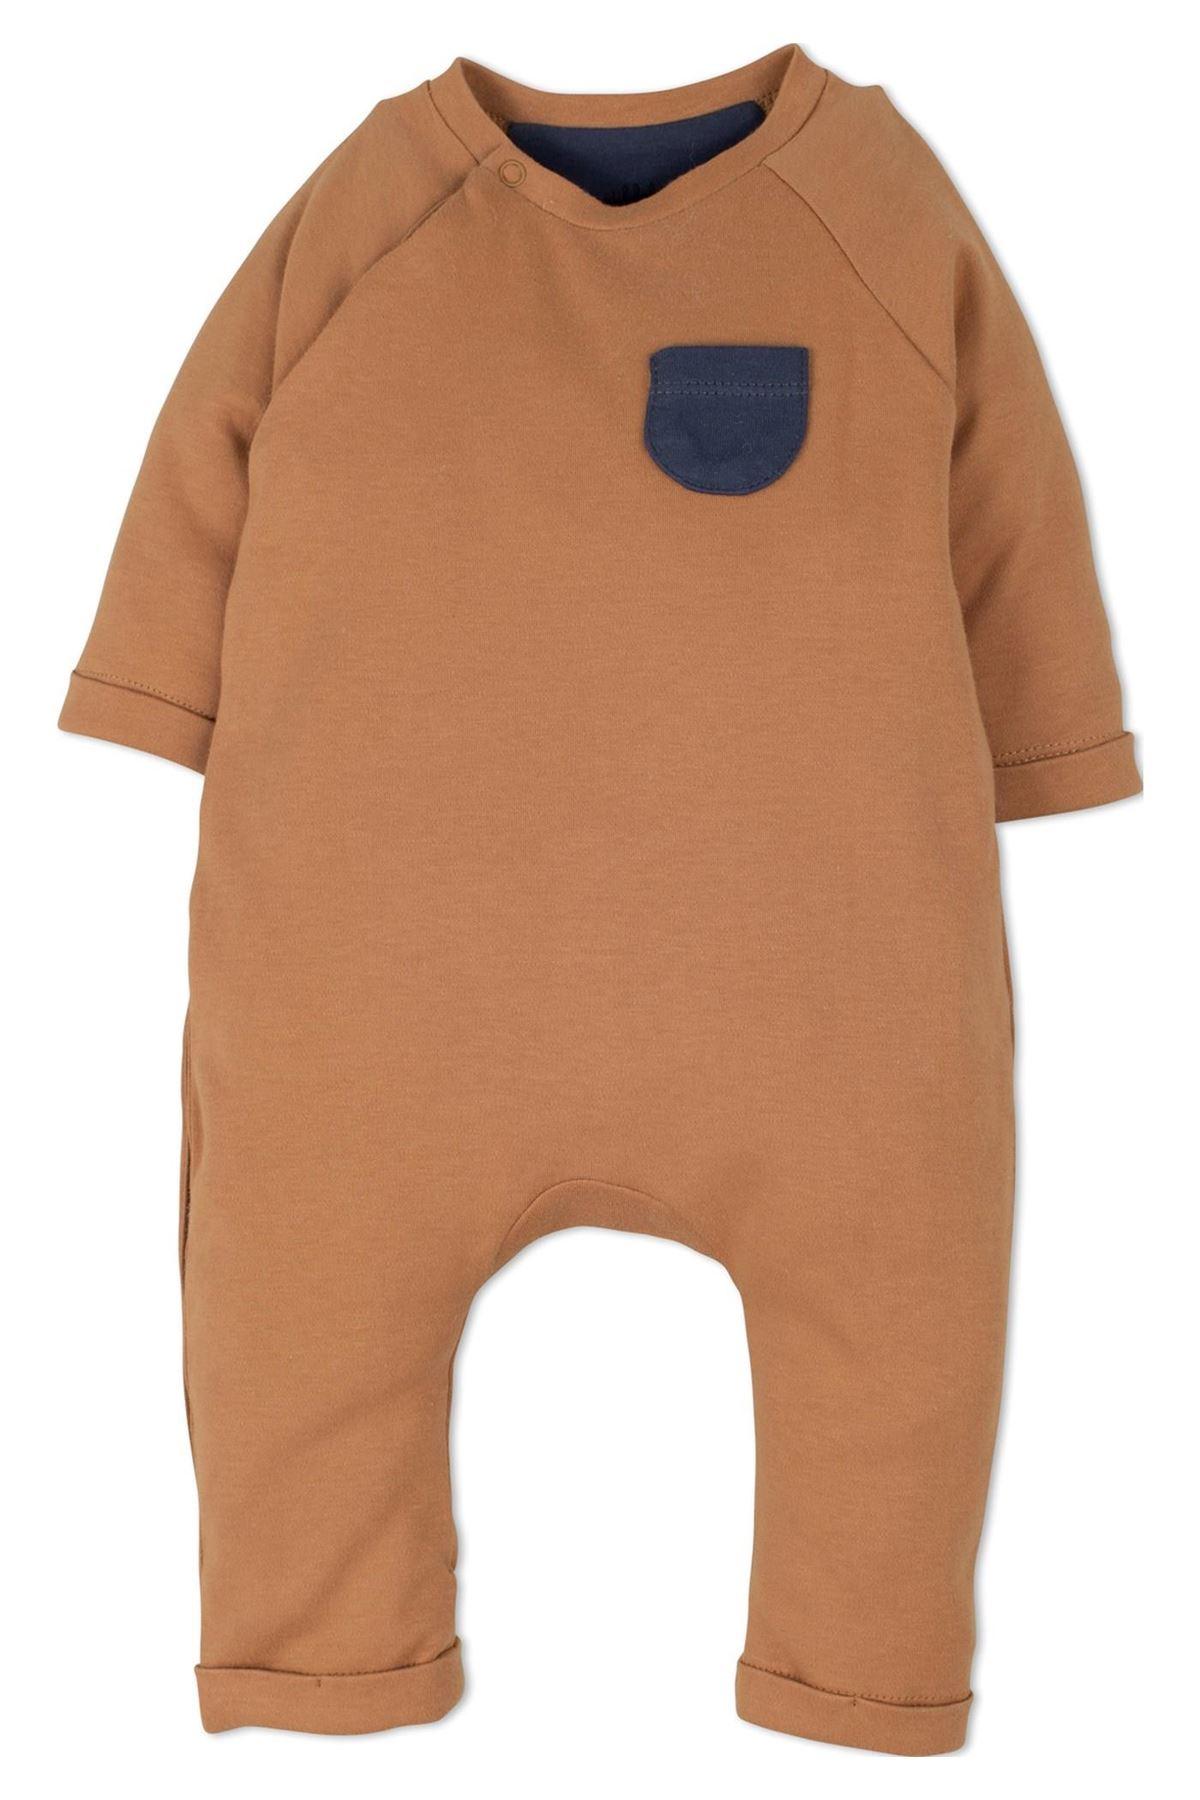 İdil Baby 14259 Bebek Tulum Hardal